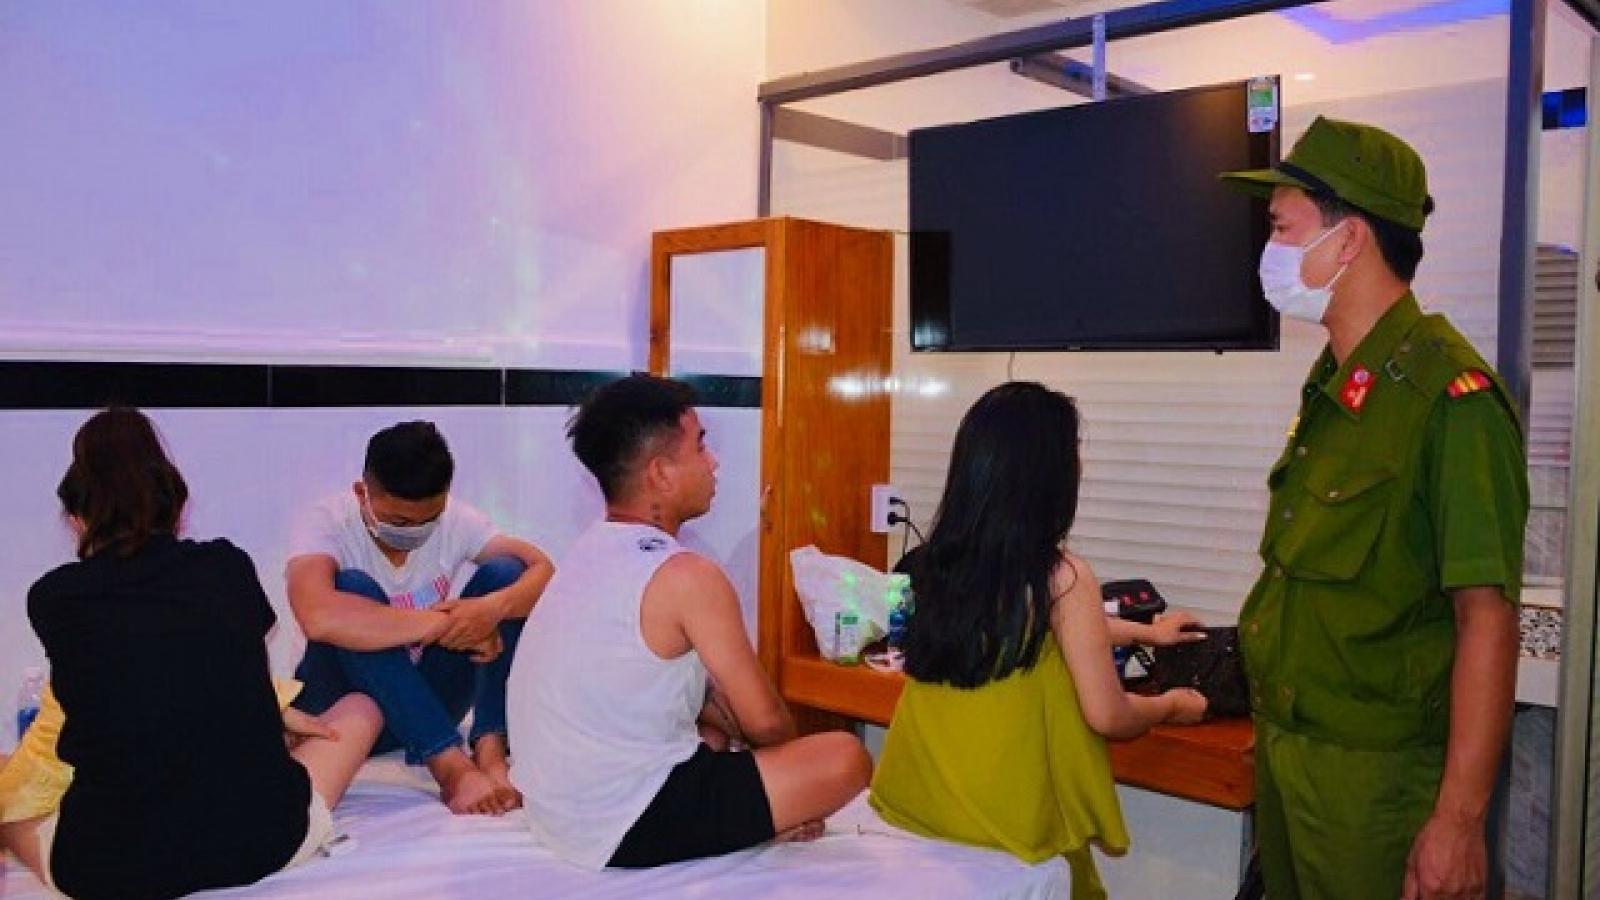 20 người tụ tập sử dụng ma tuý trong khách sạn